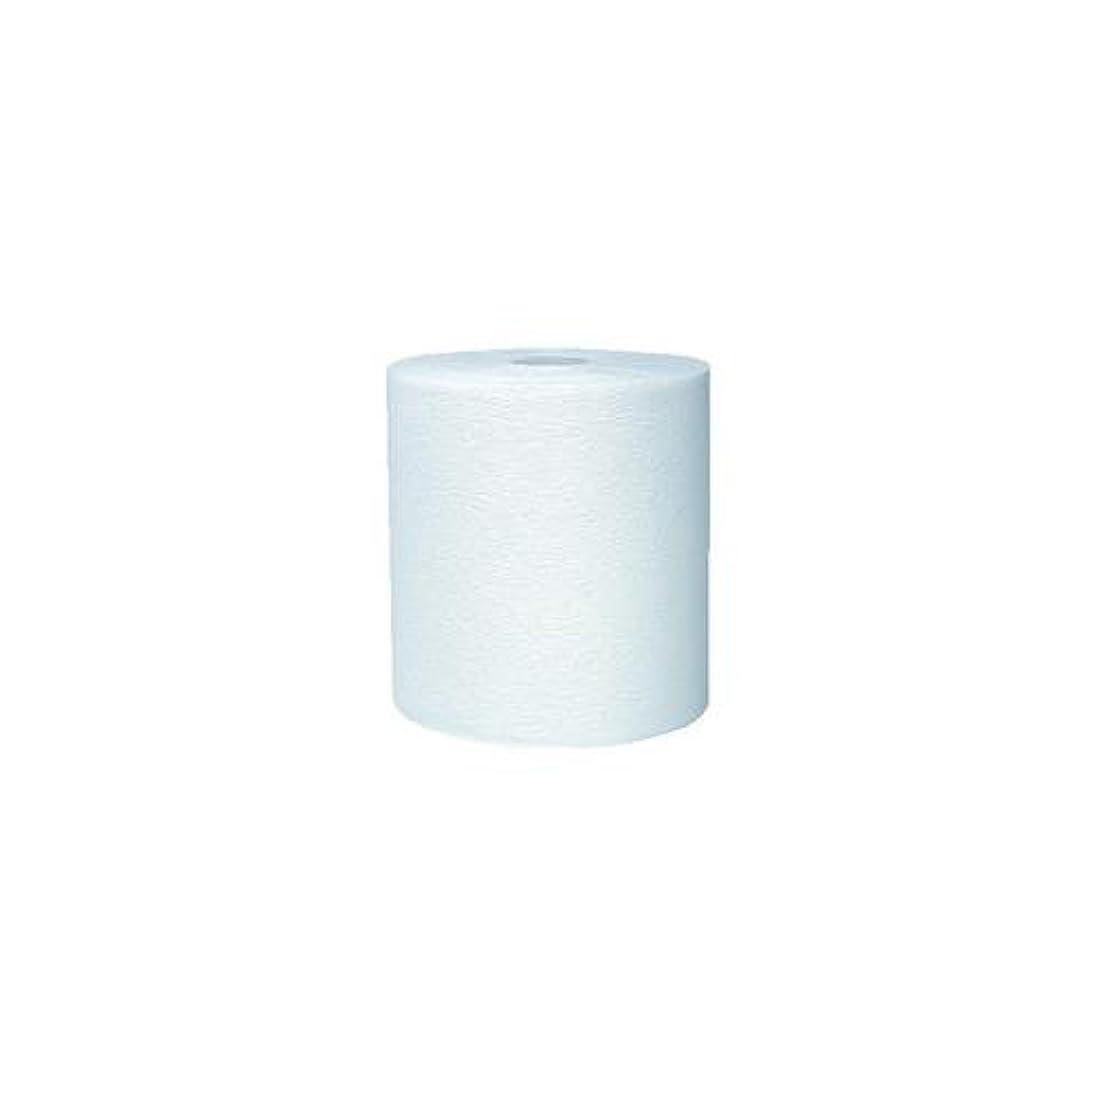 牛農学アルコーブKimberly-Clark 11090 White KLEENEX Hard Roll Towel, 8 W x 600' L (Pack of 6) by Kimberly-Clark